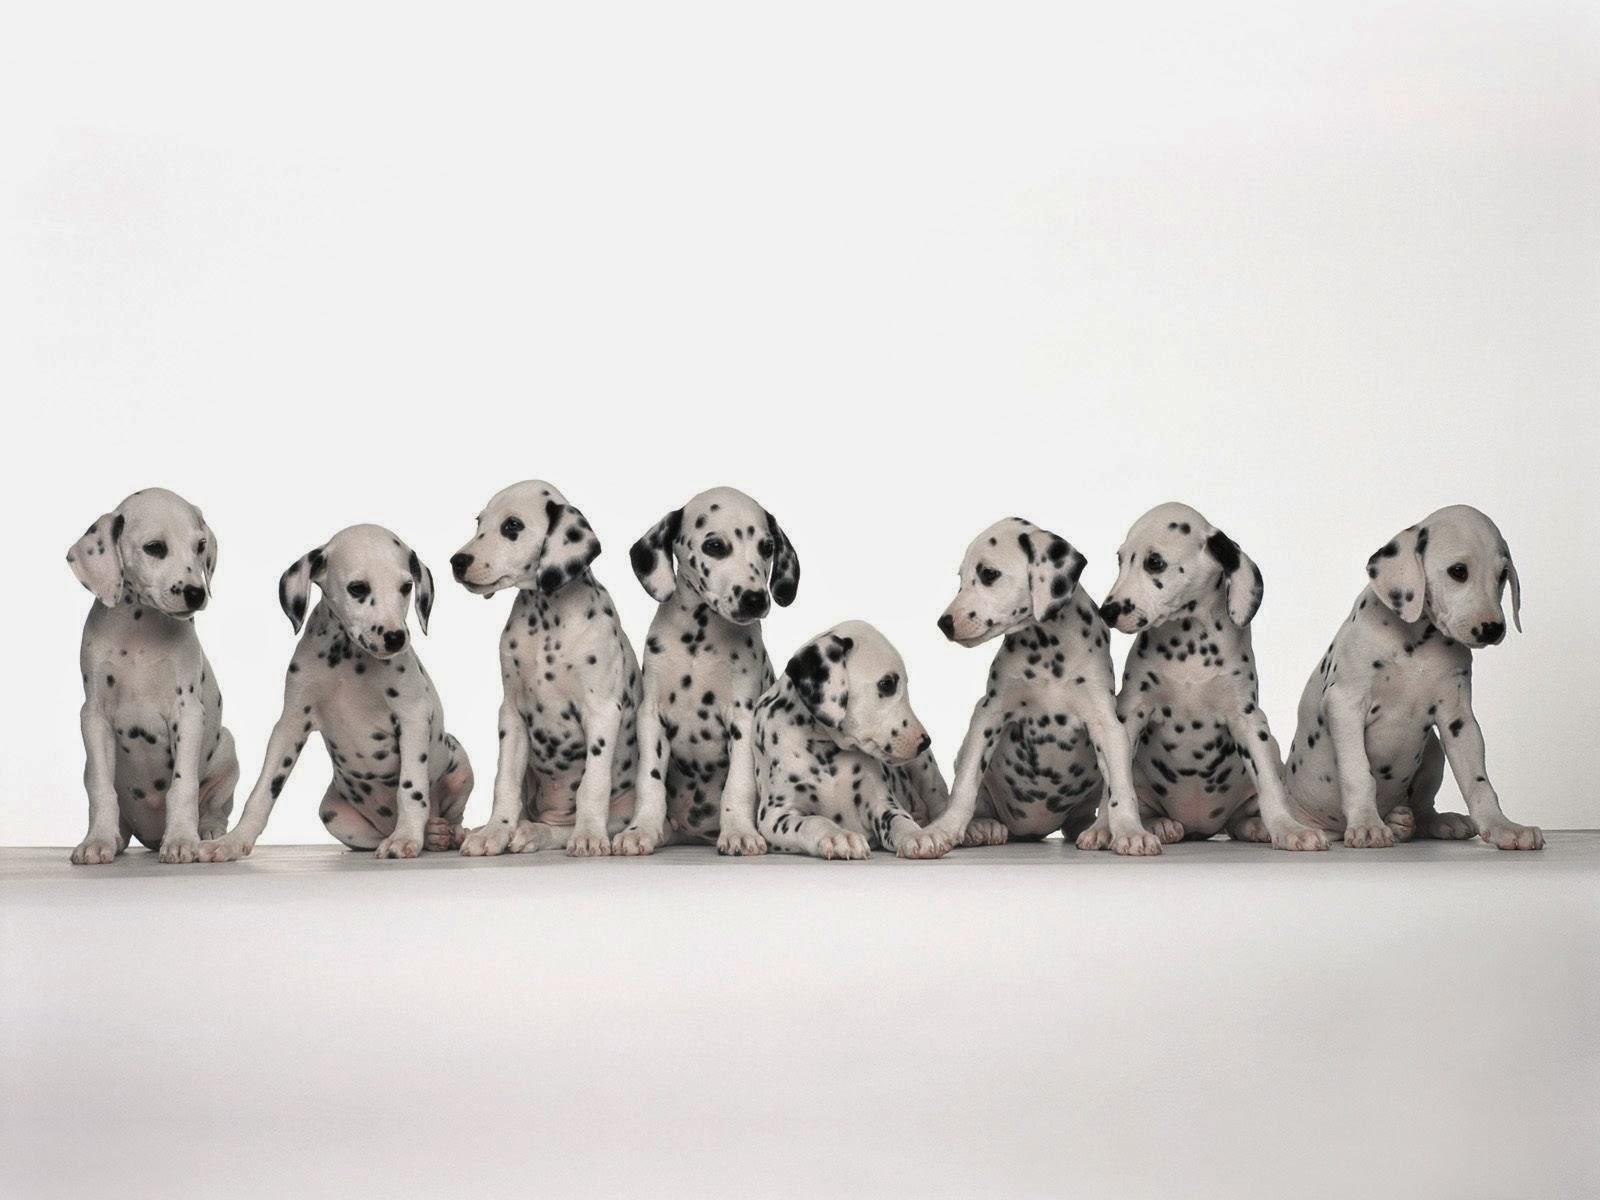 المجموعه الثانيه من صور الحيوانات بجوده عاليه  Animal Wallpapers